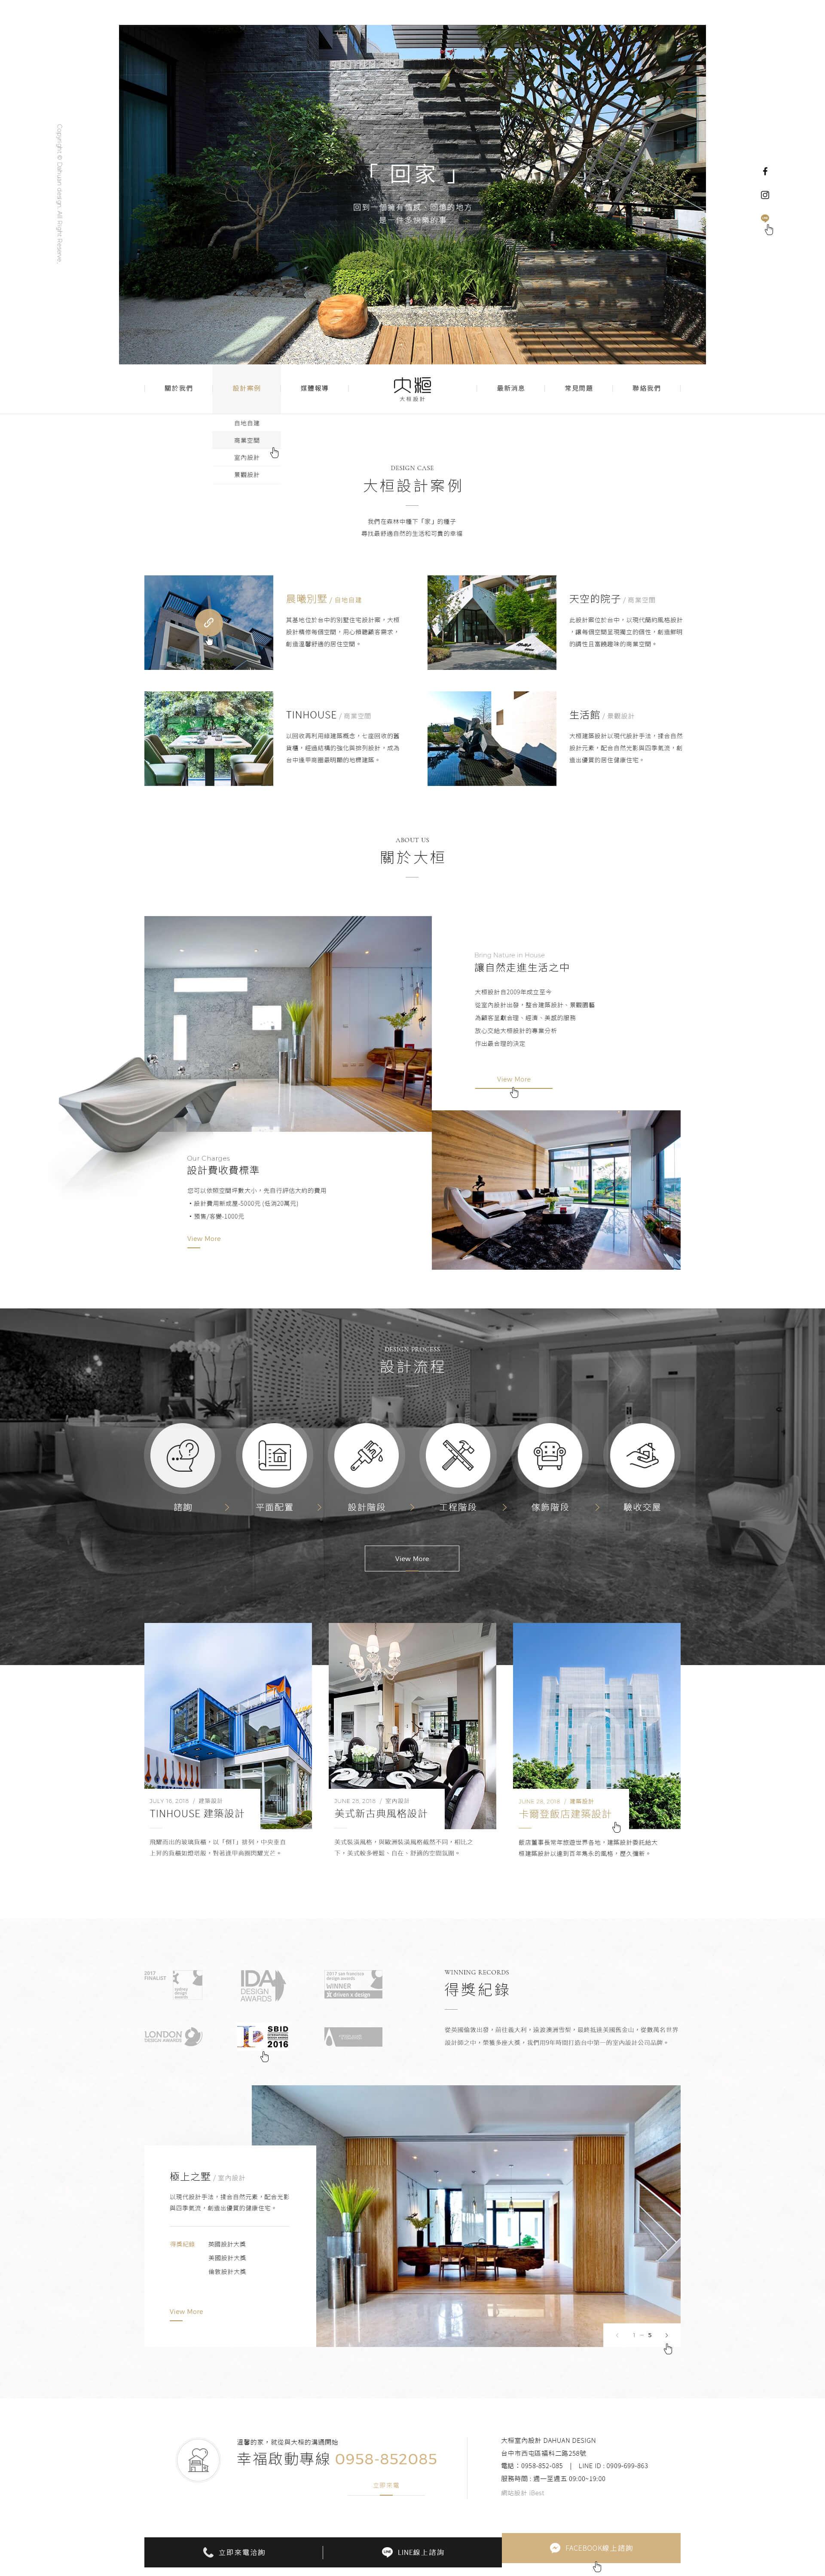 大桓室內設計-網頁設計